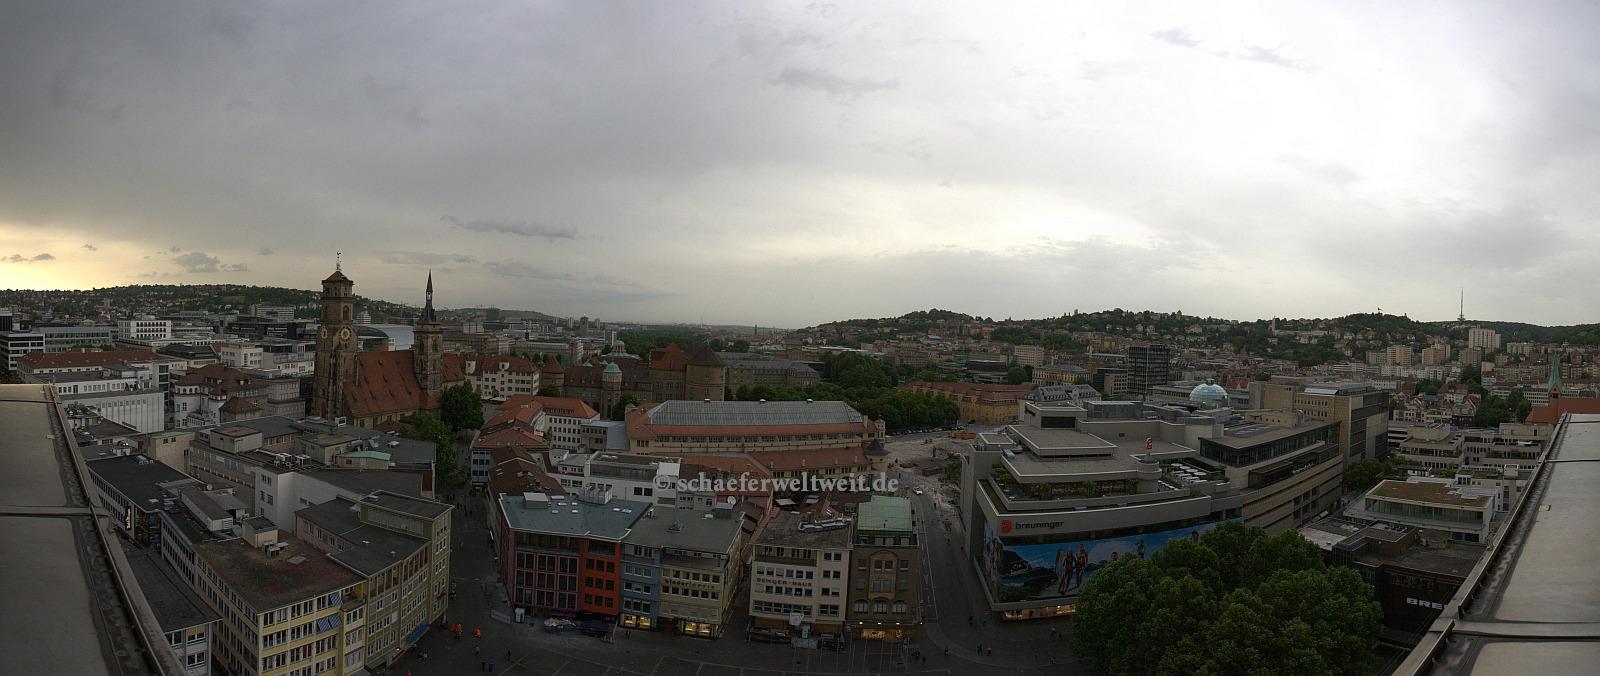 Ausblick auf der Marktplatz Seite